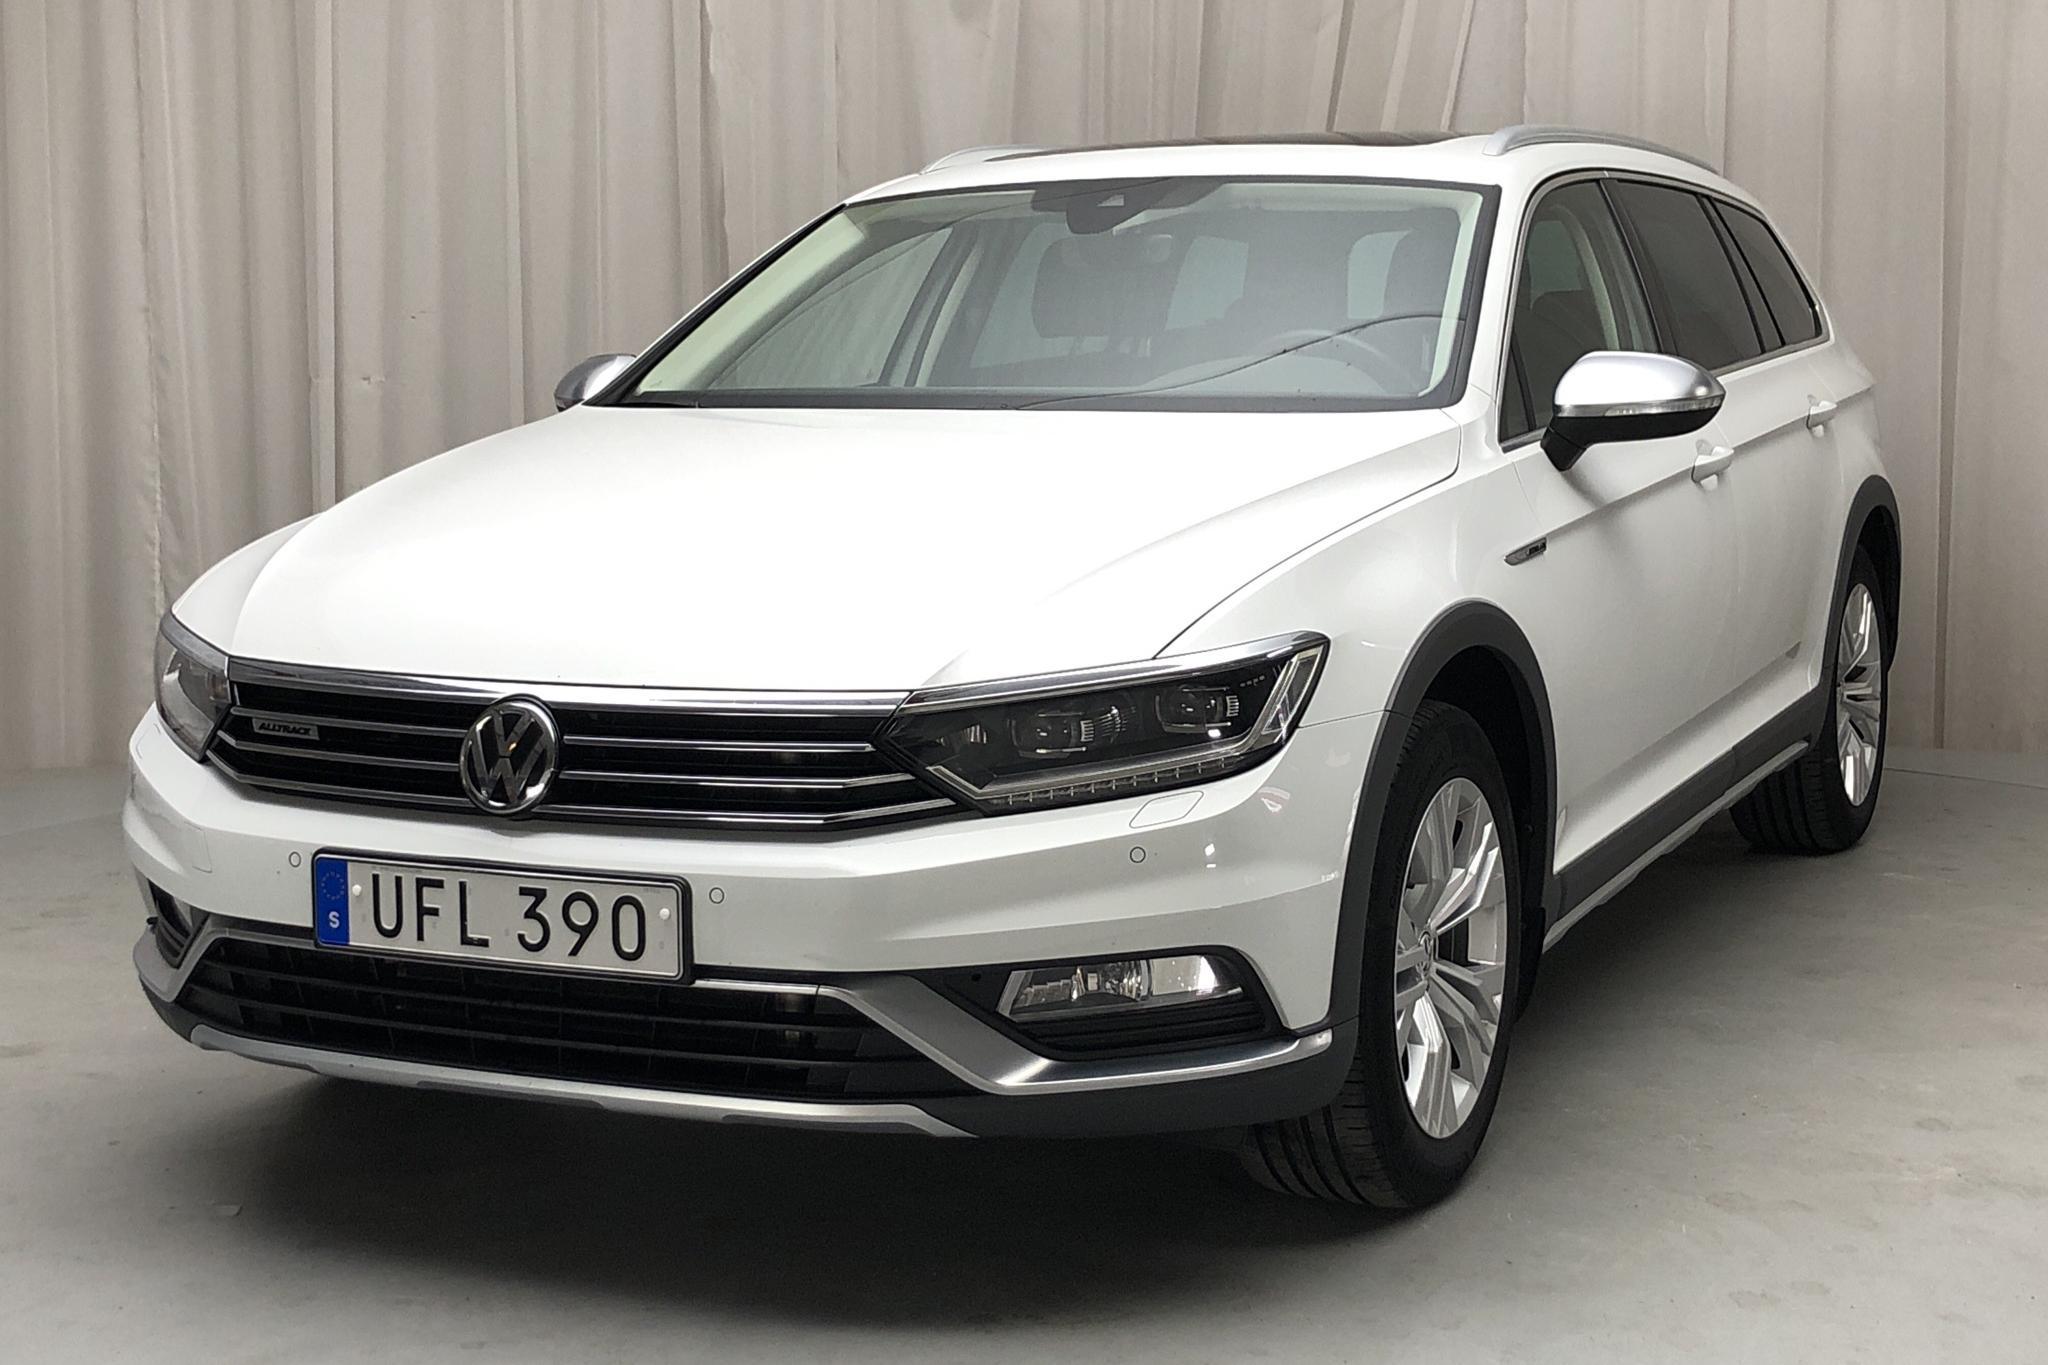 VW Passat 2.0 TDI 4MOTION (190hk)